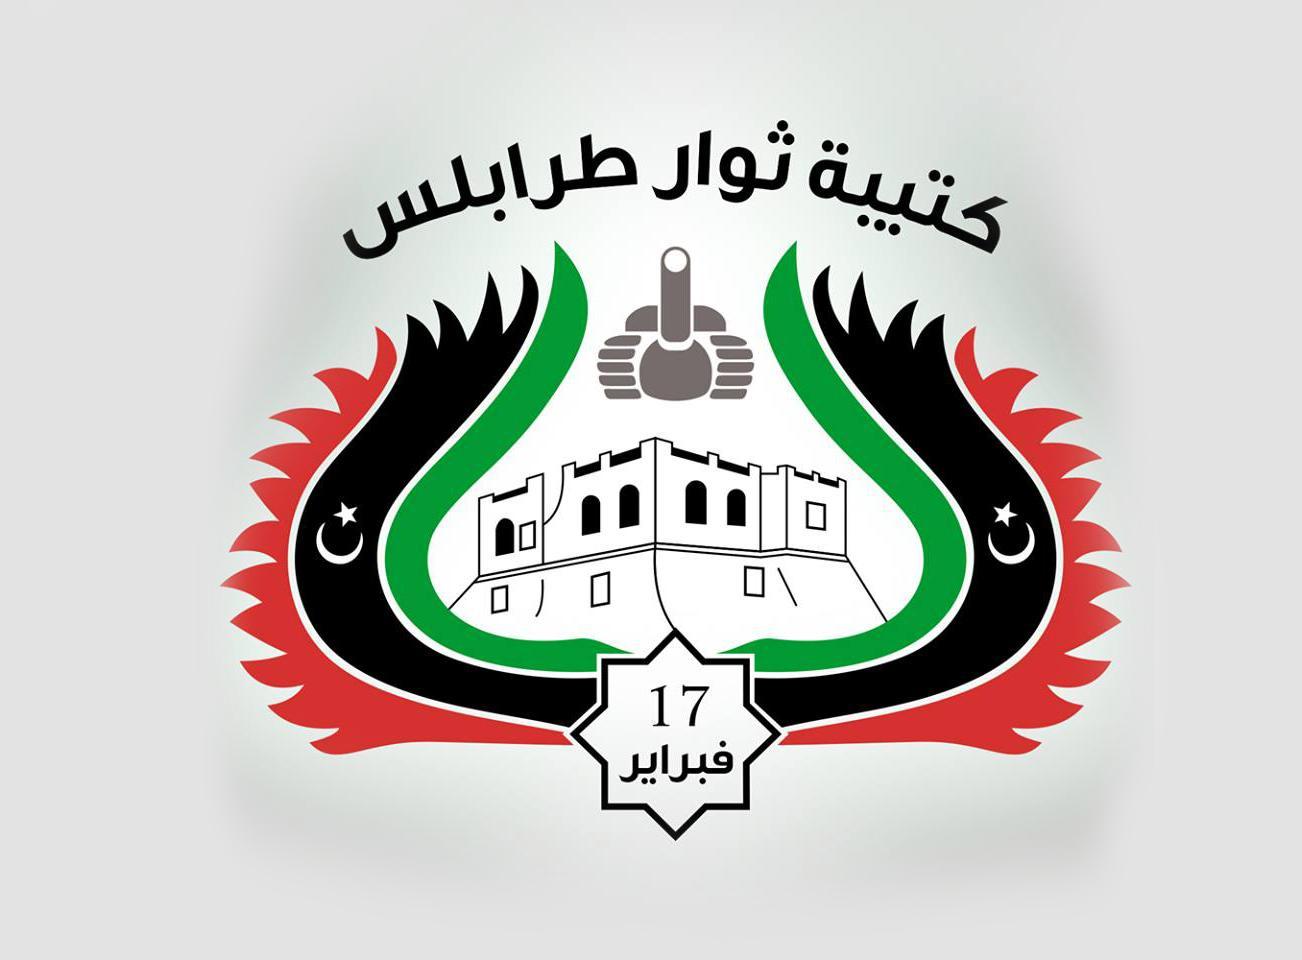 بيان لكتيبة ثوار طرابلس يدعو المتظاهرين في العاصمة إلى العقلانية وضبط النفس